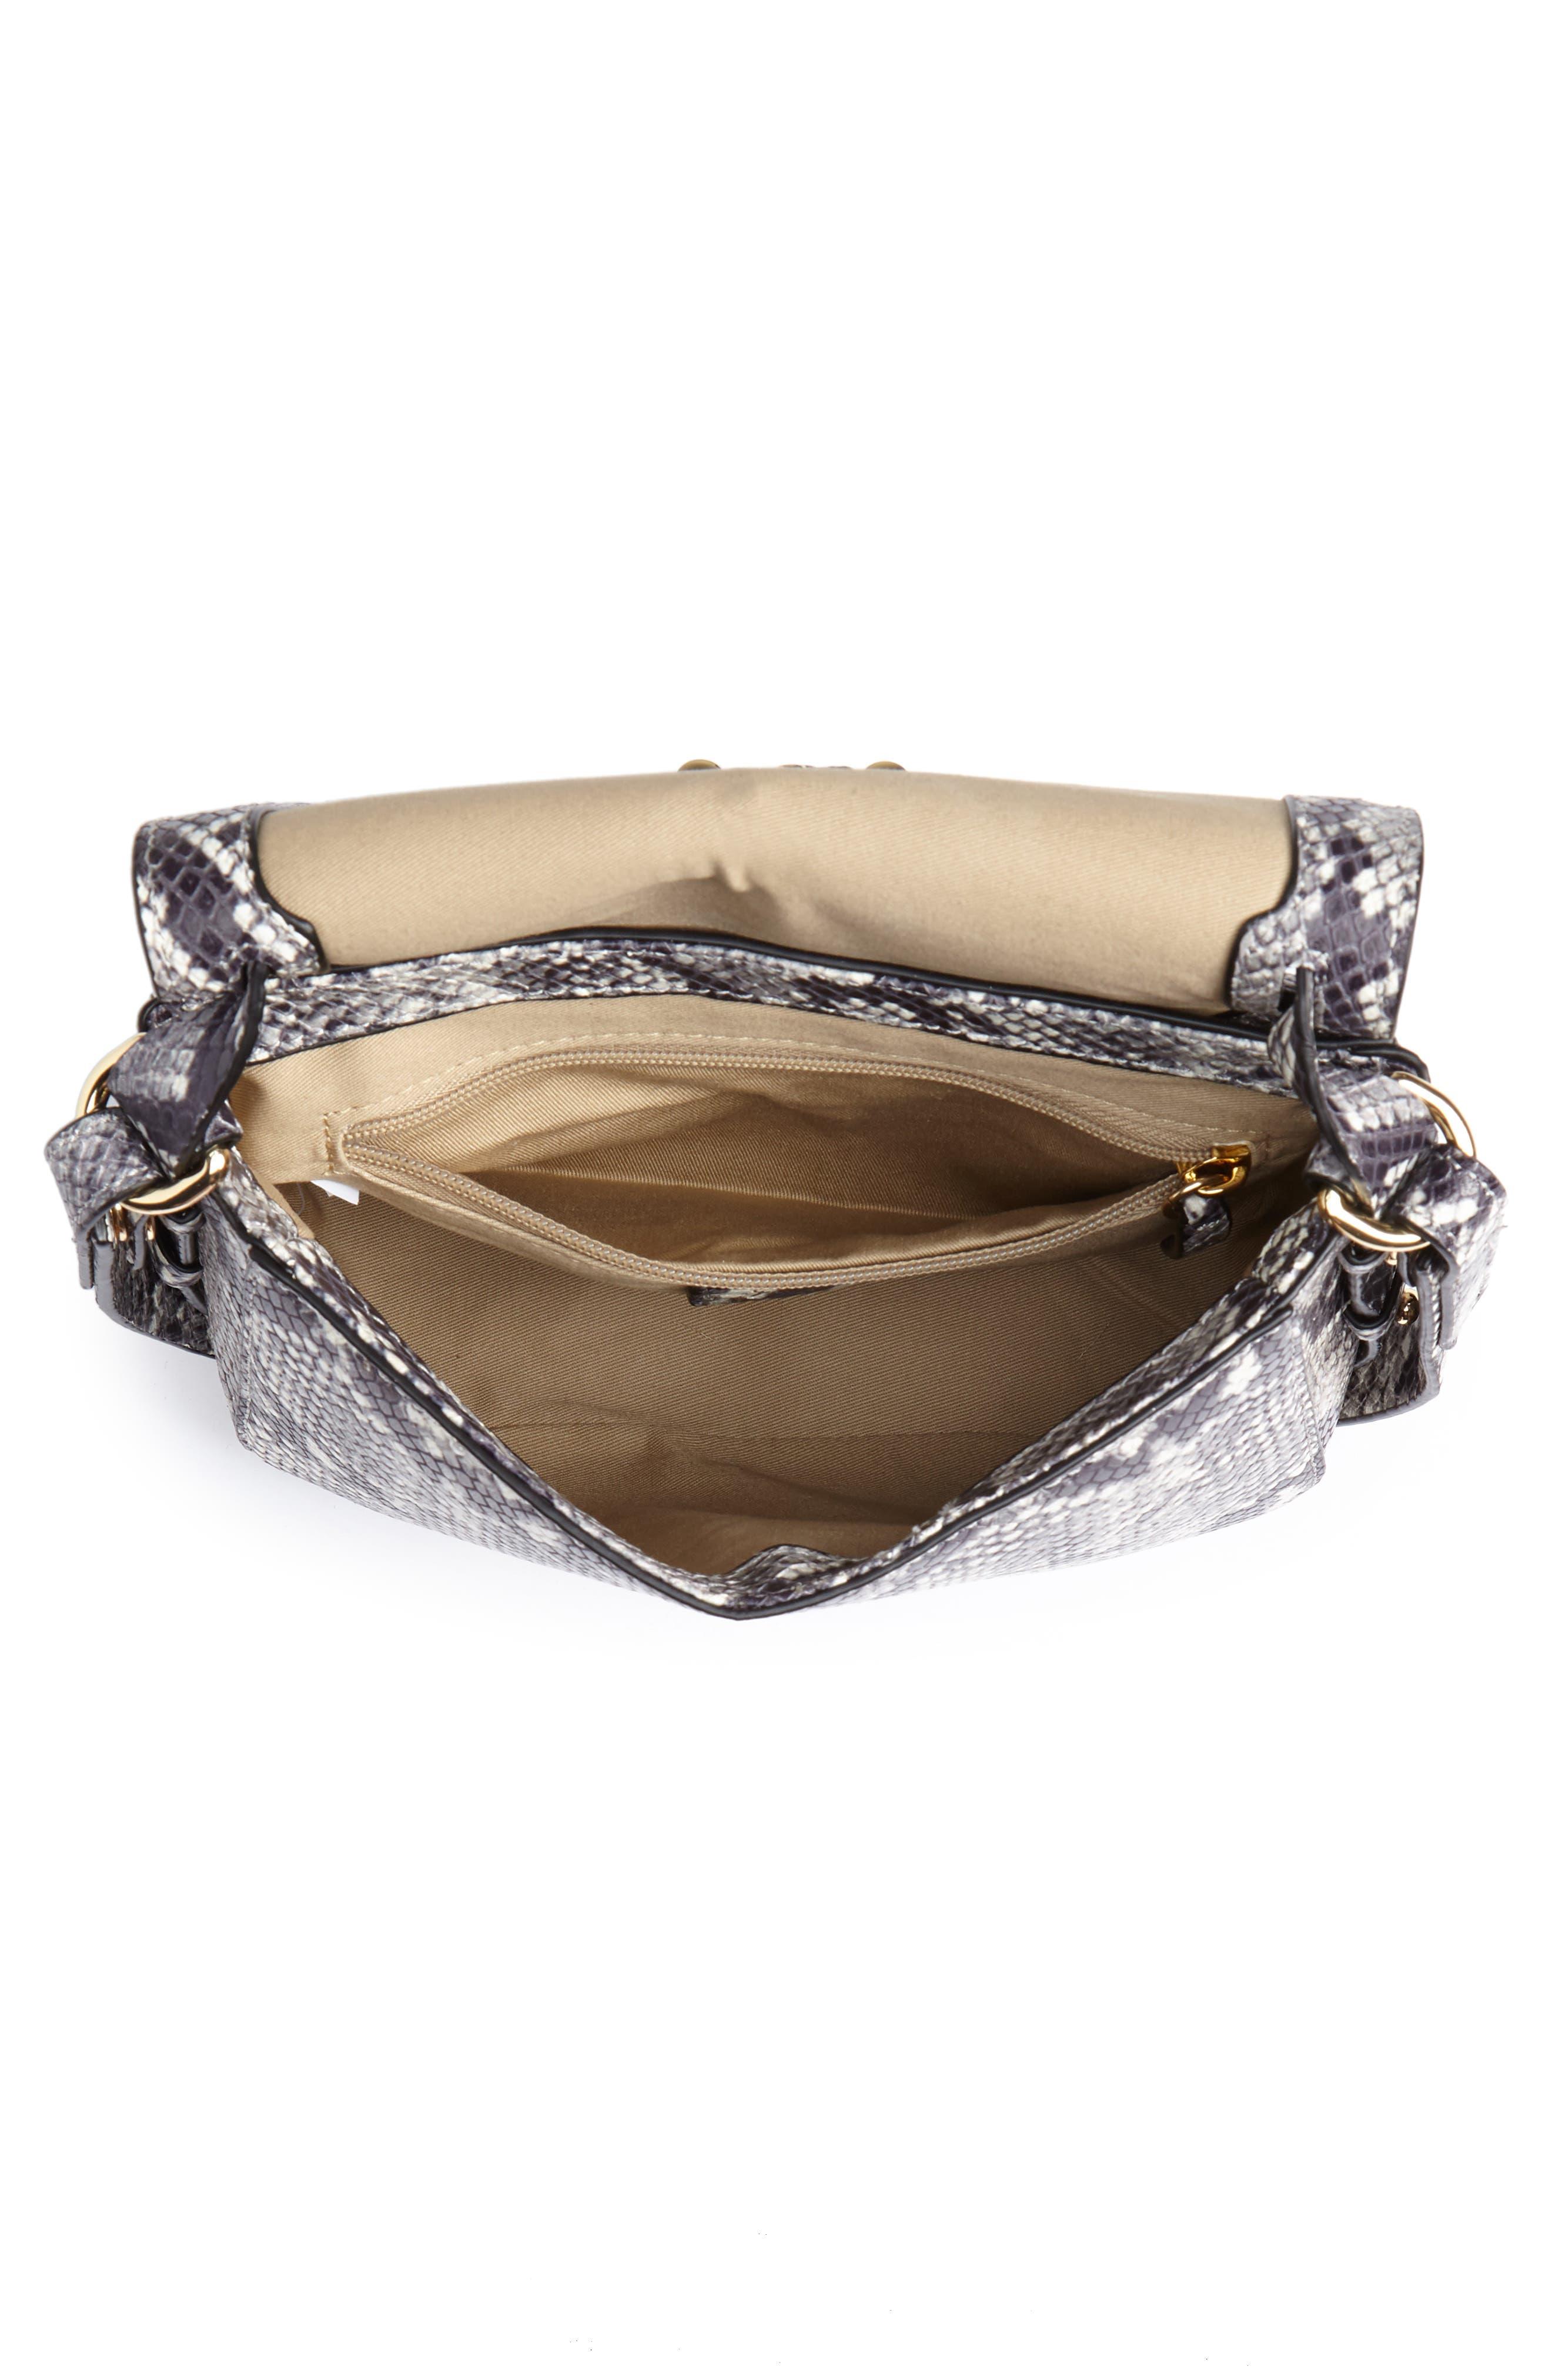 J.CREW,                             Harper Snake Embossed Leather Crossbody Bag,                             Alternate thumbnail 4, color,                             020